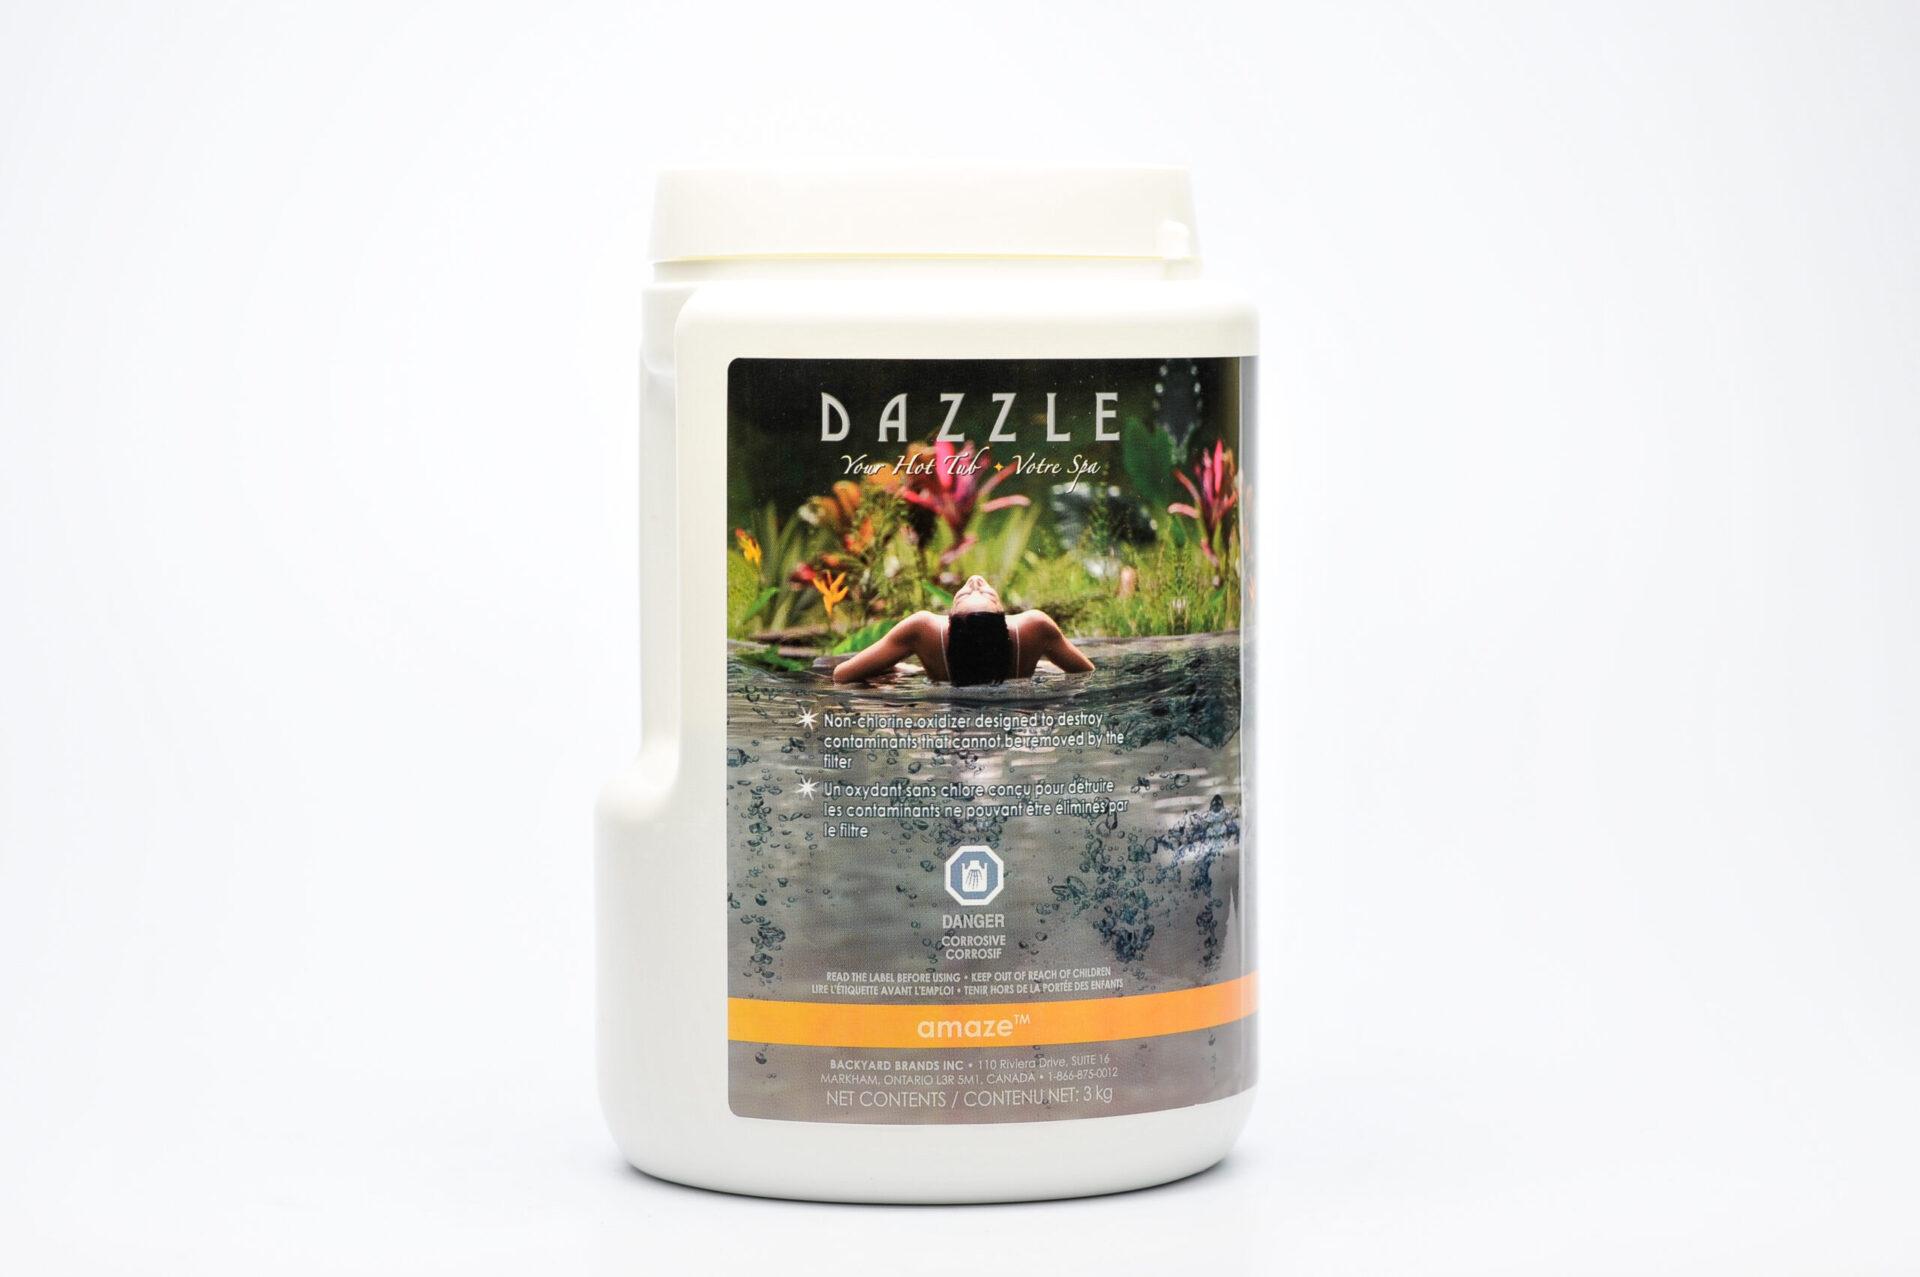 Dazzle Amaze 3kg scaled - AMAZE - 3kg